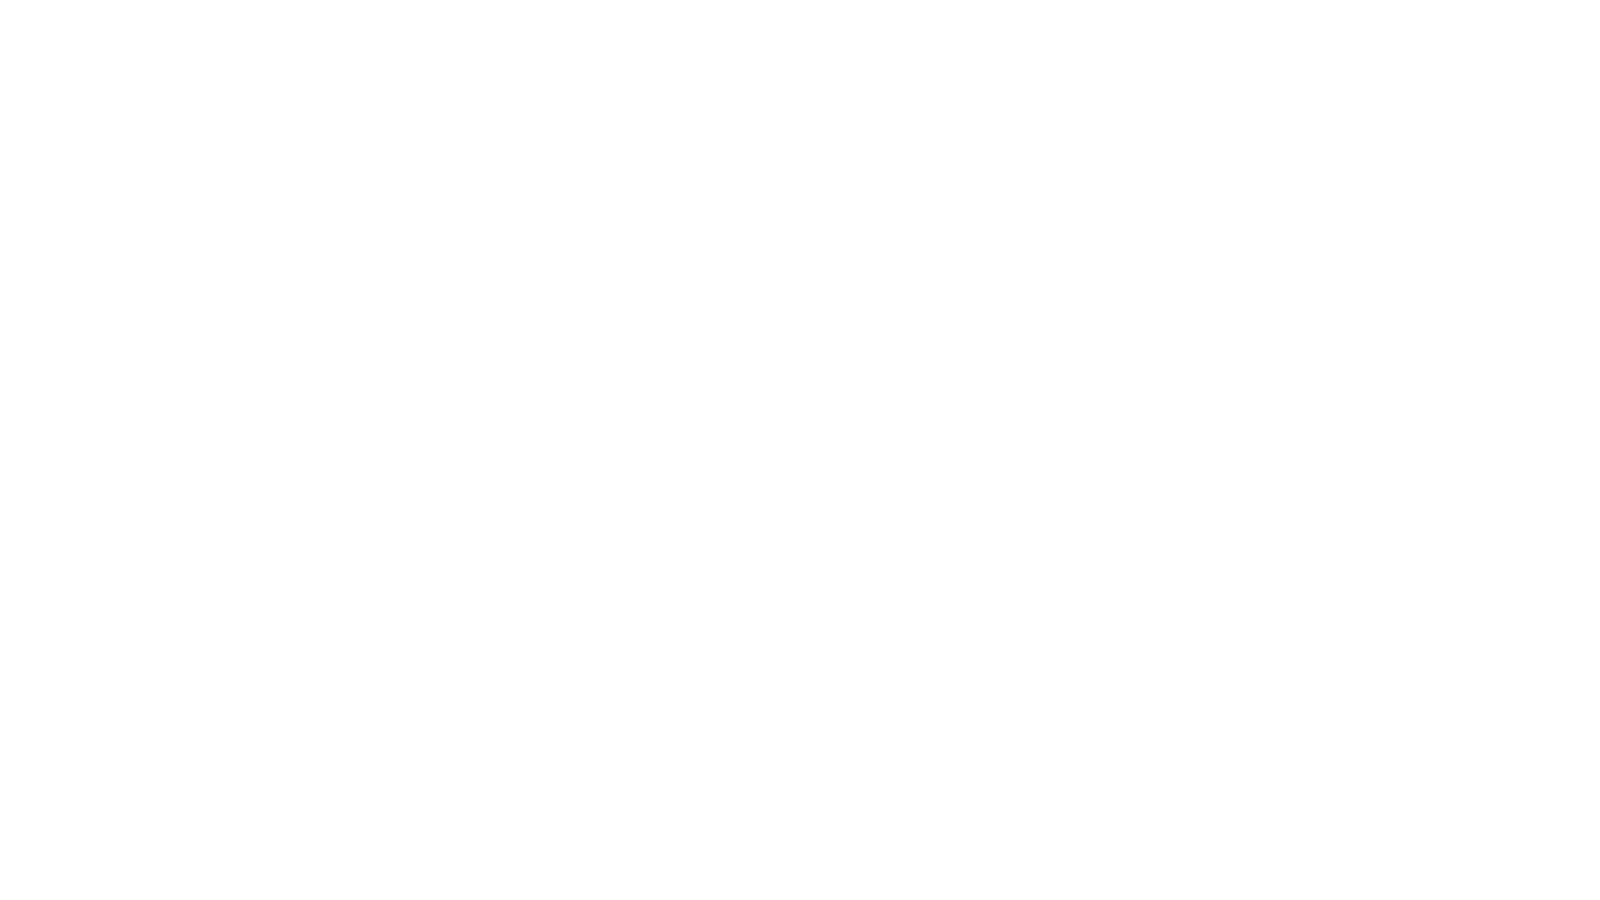 Los bosquimanos del oeste de Tanzania son una raza moribunda, aislada del resto de África por el idioma, la cultura y un rechazo absoluto a actualizar una antigua forma de vida. Viajan livianos, con posesiones mínimas, durmiendo en cuevas o en el suelo en refugios de pasto durante la noche, tan salvajes como la tierra misma. El mono y el babuino son su dieta principal, con un kudu o una gacela ocasional lo suficientemente desafortunada como para estar al alcance de sus arcos cuyas puntas de flecha llevan una potente neurotoxina. A menudo disparan desde la cadera mientras están corriendo y rara vez fallan. No tienen jefes y las mujeres tienen la misma voz en los asuntos tribales. Se mueven fácilmente cada dos semanas y si un animal grande muere en una cacería, todo el clan se trasladará a él en lugar de traer al animal con ellos. Viven enteramente de la tierra, como los más hábiles cazadores. Tienen un conocimiento enciclopédico de la flora y la fauna que es a la vez alimento y medicina para ellos. Estos 'bushmasters' son una verdadera ventana al pasado de la humanidad; ejemplos vivientes de cómo sobrevivimos a muchas otras criaturas, y prueba de que ni siquiera todos desean la tecnología mínima. Son nuestros propios antepasados y quise experimentar que se siente viviendo como ellos, corriendo por la sabana en busca de una presa a la que cazar para alimentar a la tribu. Tuvimos suerte en nuestra cacería de hoy, el jefe siguió las pisadas y localizamos la presa. Una vez ya en el poblado nos dispusimos a preparar el manjar de hoy, pero os doy un consejo, nunca debes rechazar cuando eres invitado a comer …… no está bien visto.